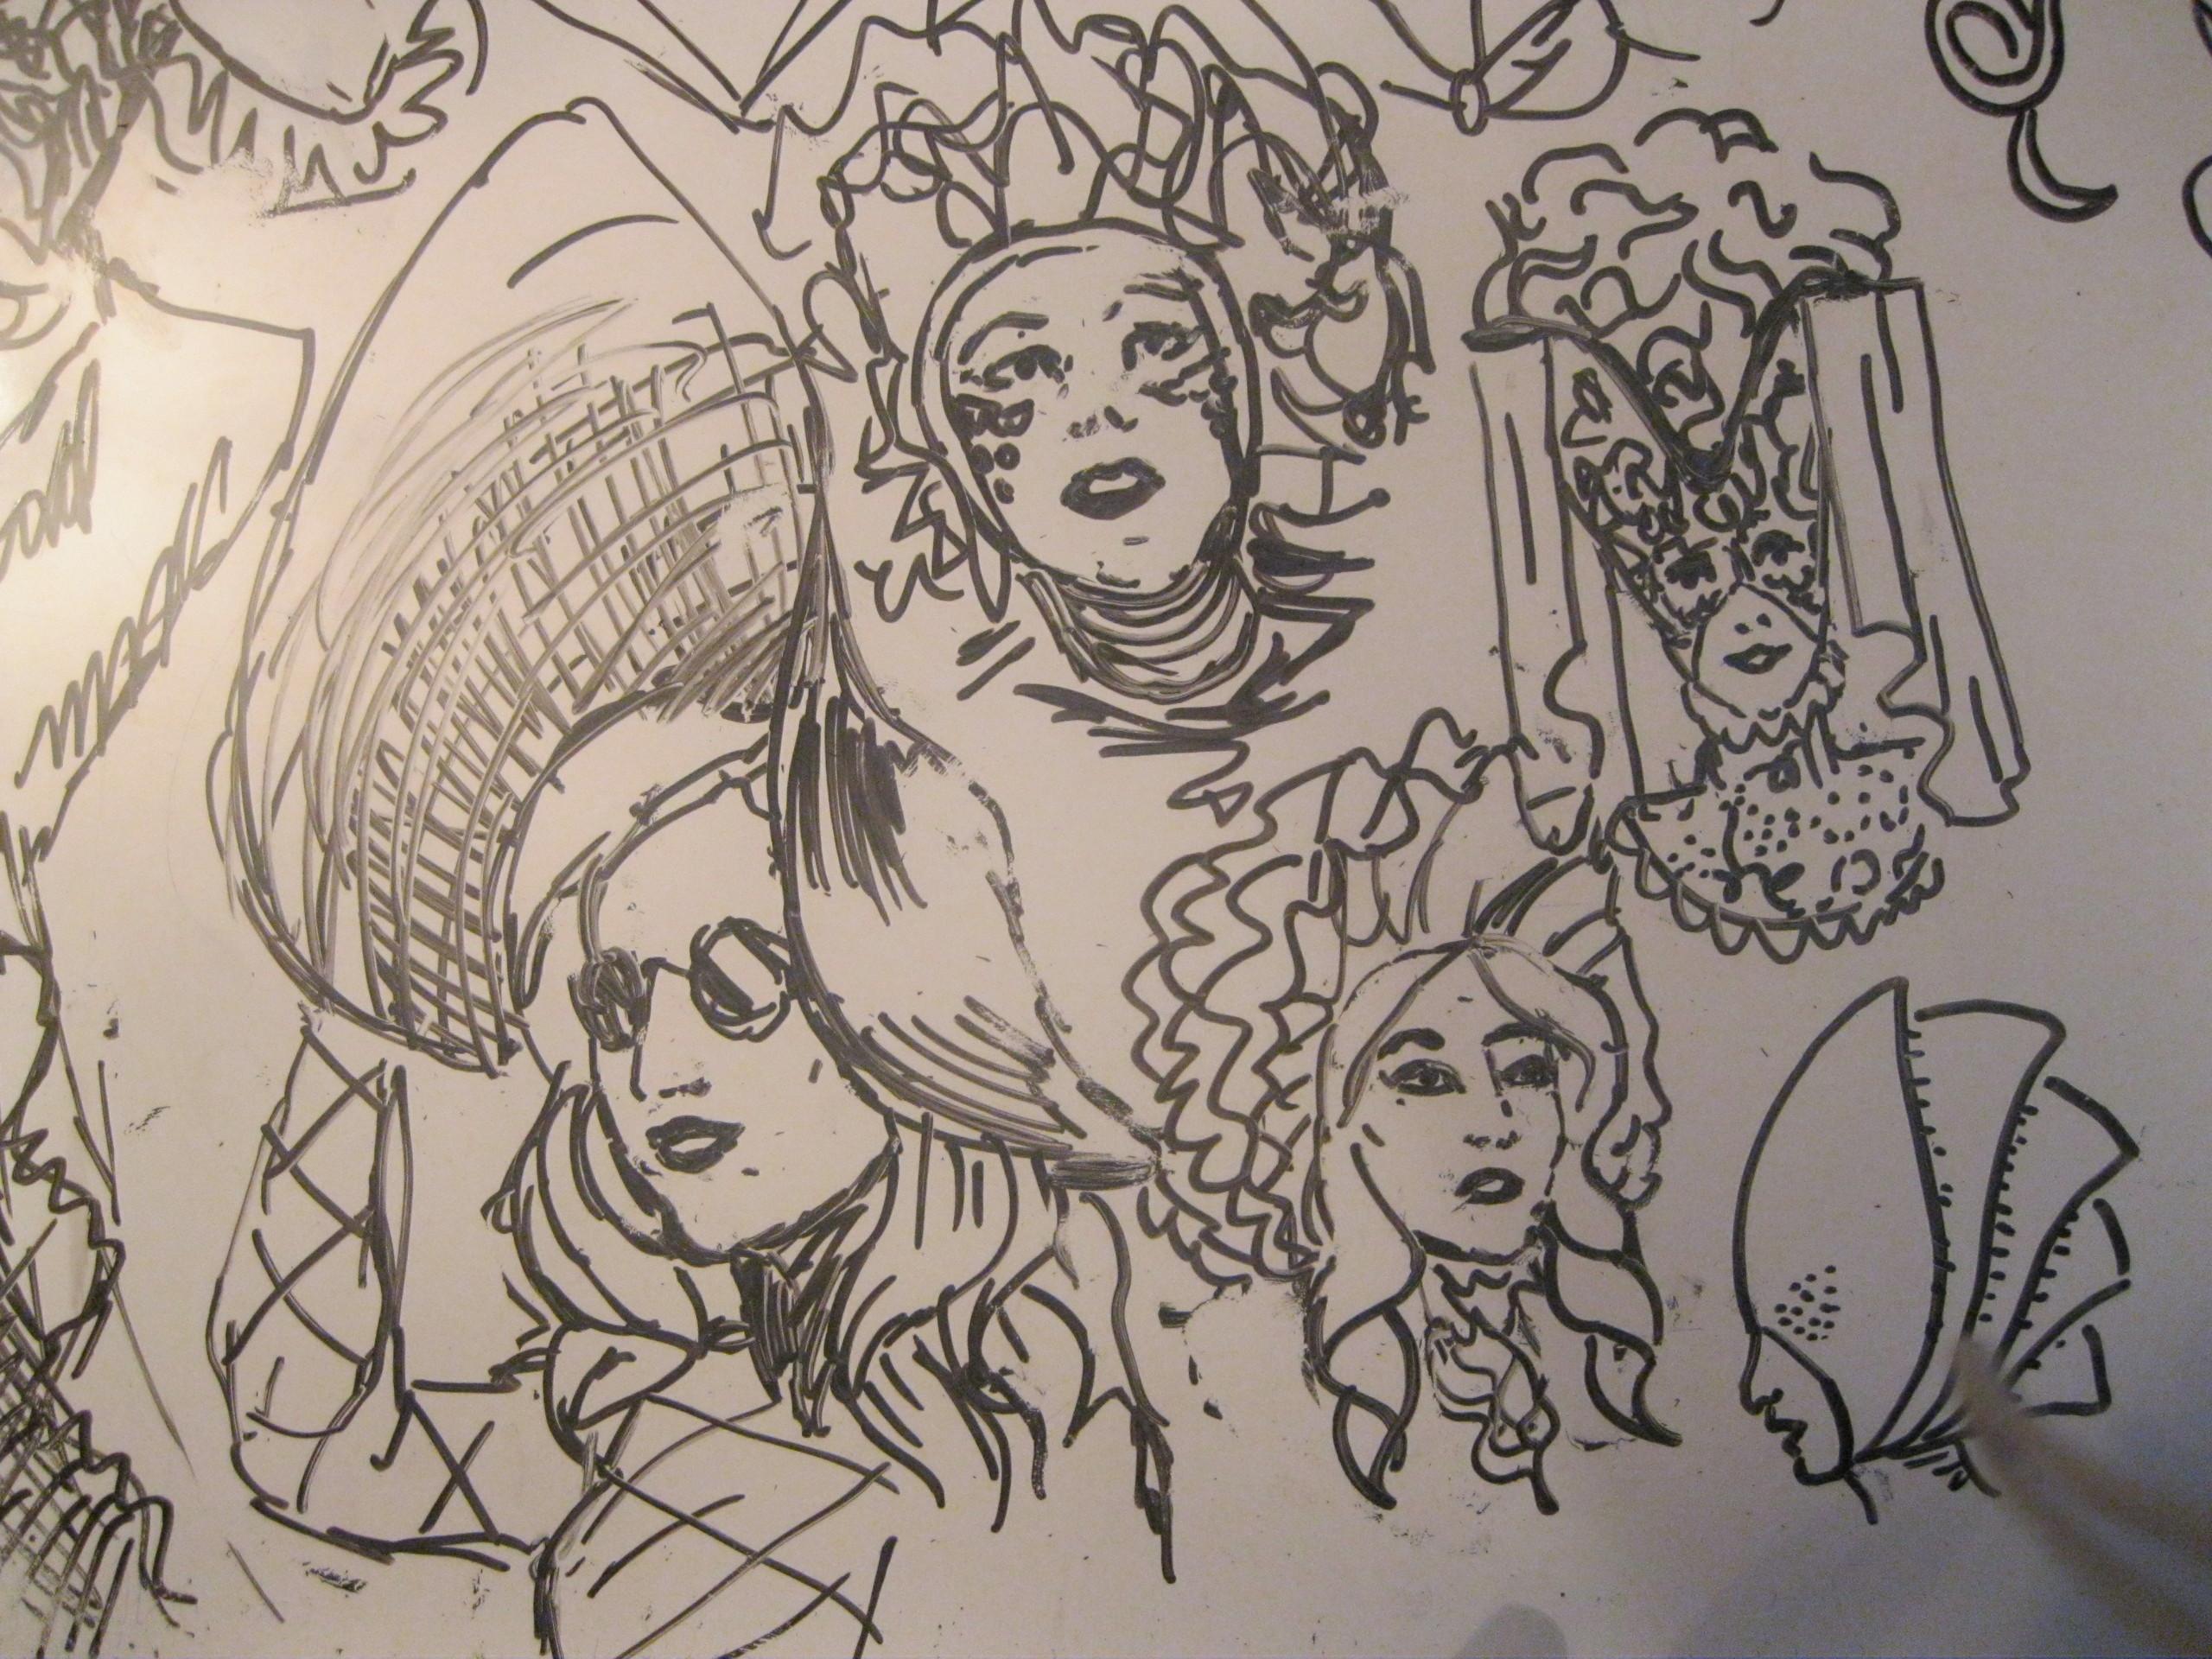 lady gaga in wytebord